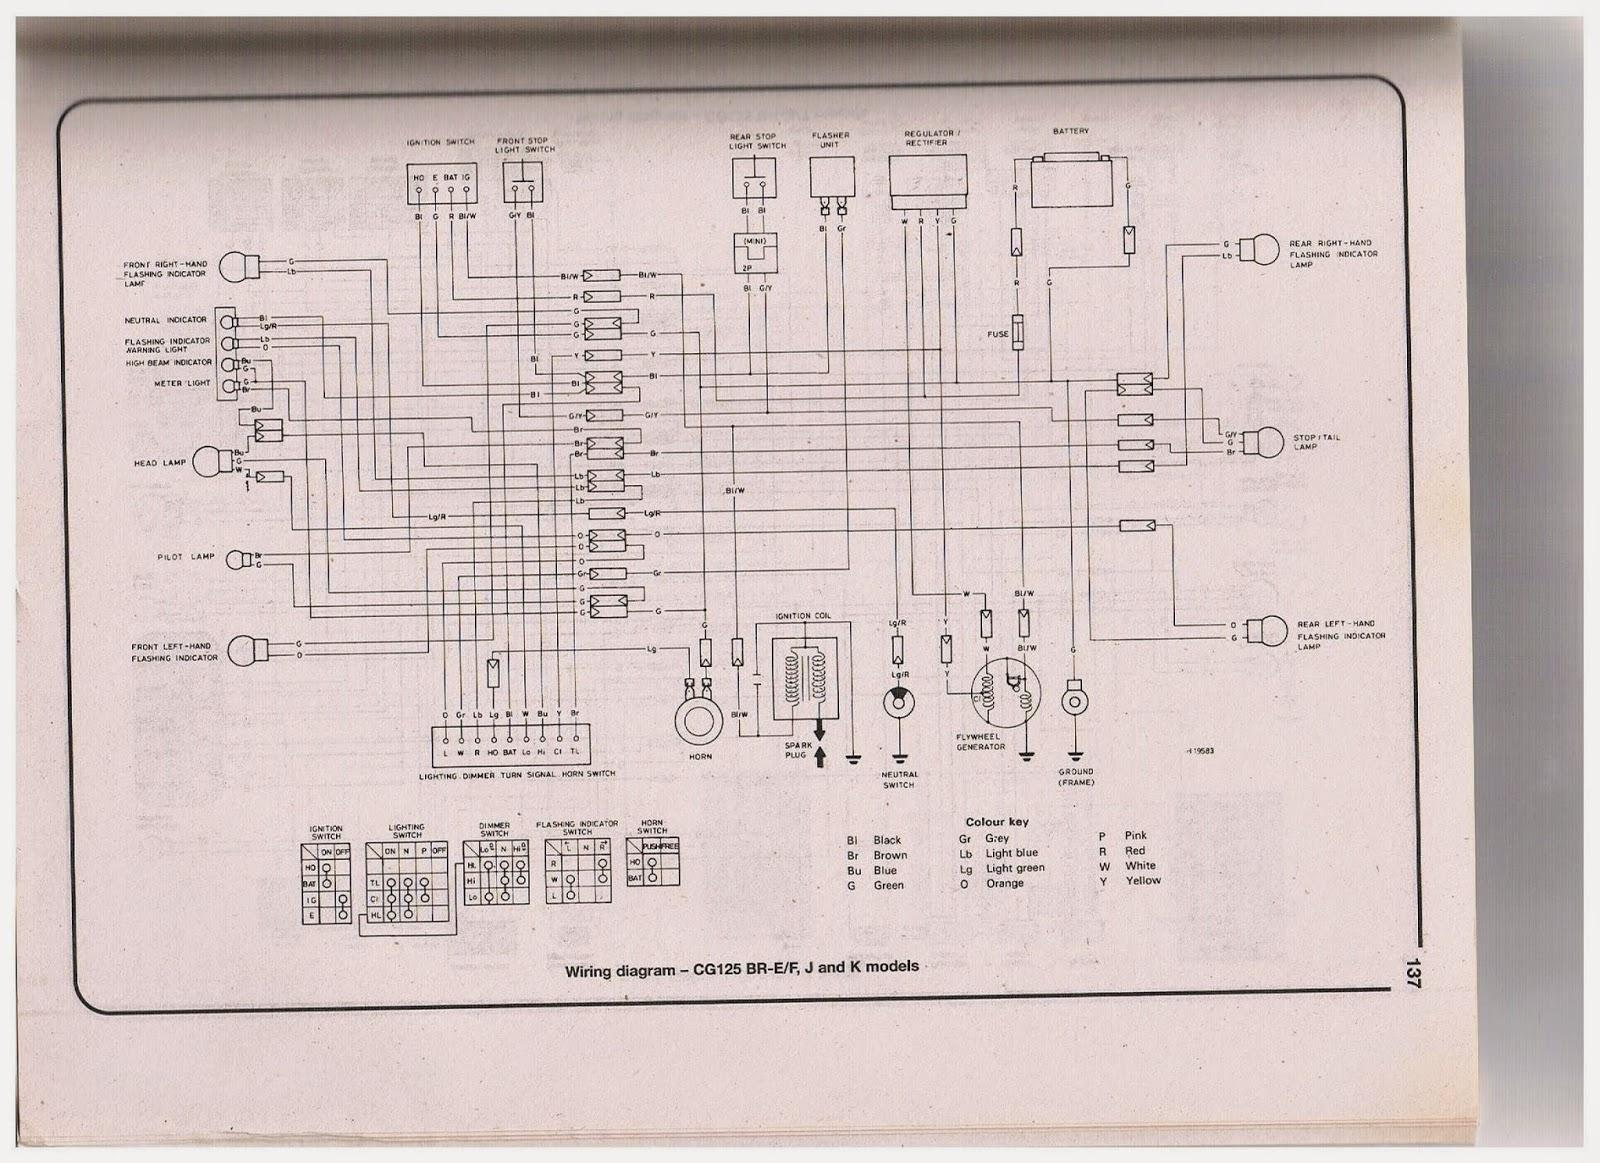 honda wiring diagram pdf wiring diagram name 1981 honda cb125s wiring diagram honda 125s wiring diagram [ 1600 x 1163 Pixel ]